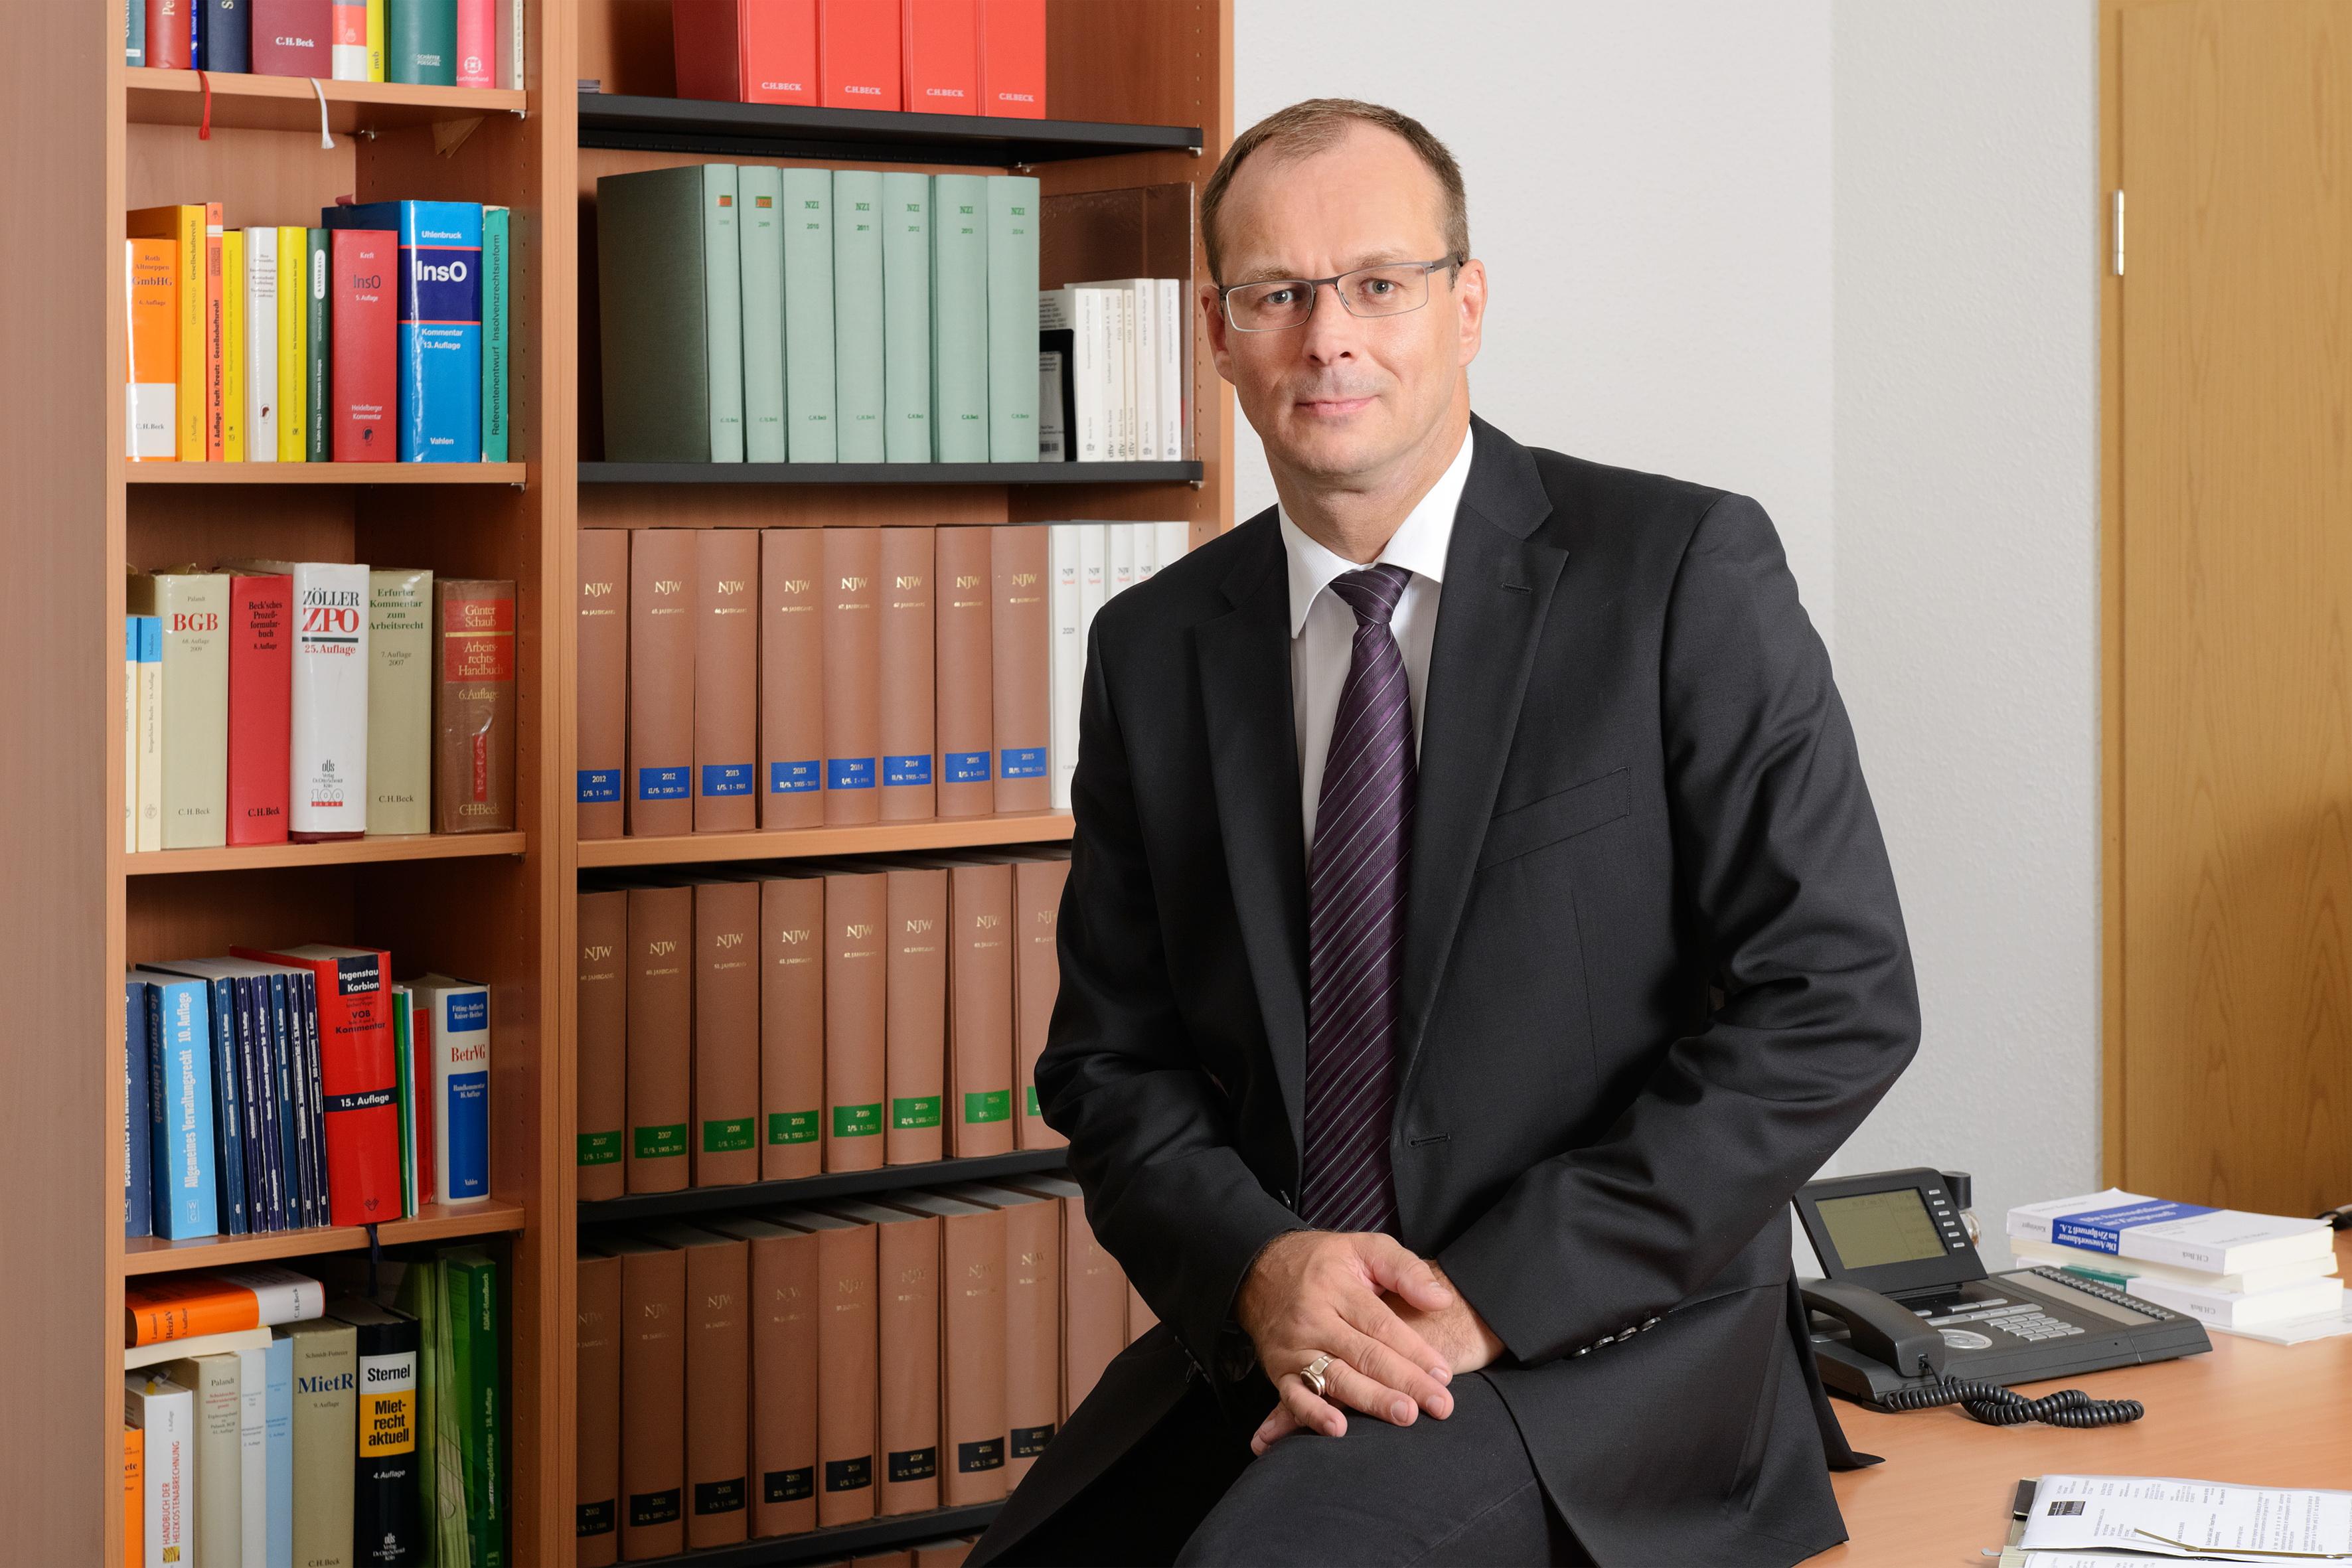 Rechtsanwalt Ochsmann